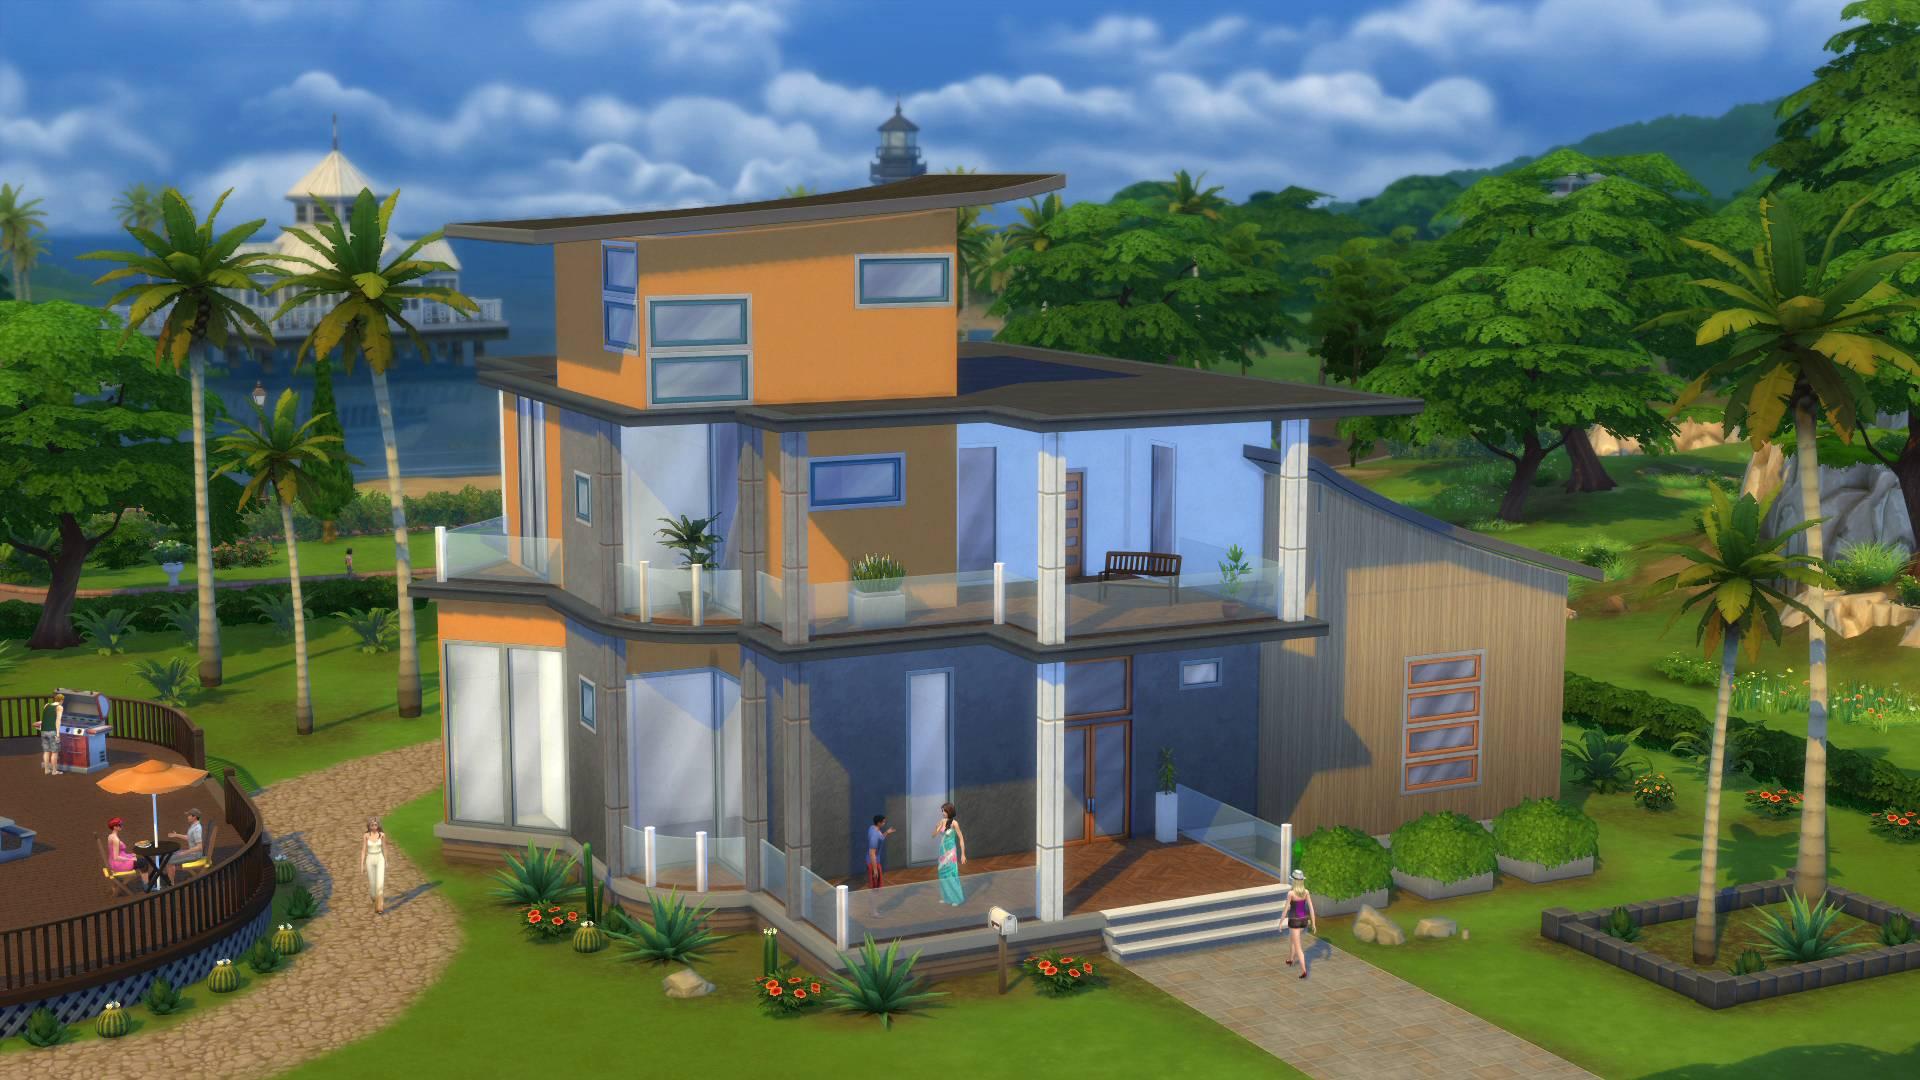 Sims 4 häuser zum nachbauen grundrisse weiterer häuser screenshot